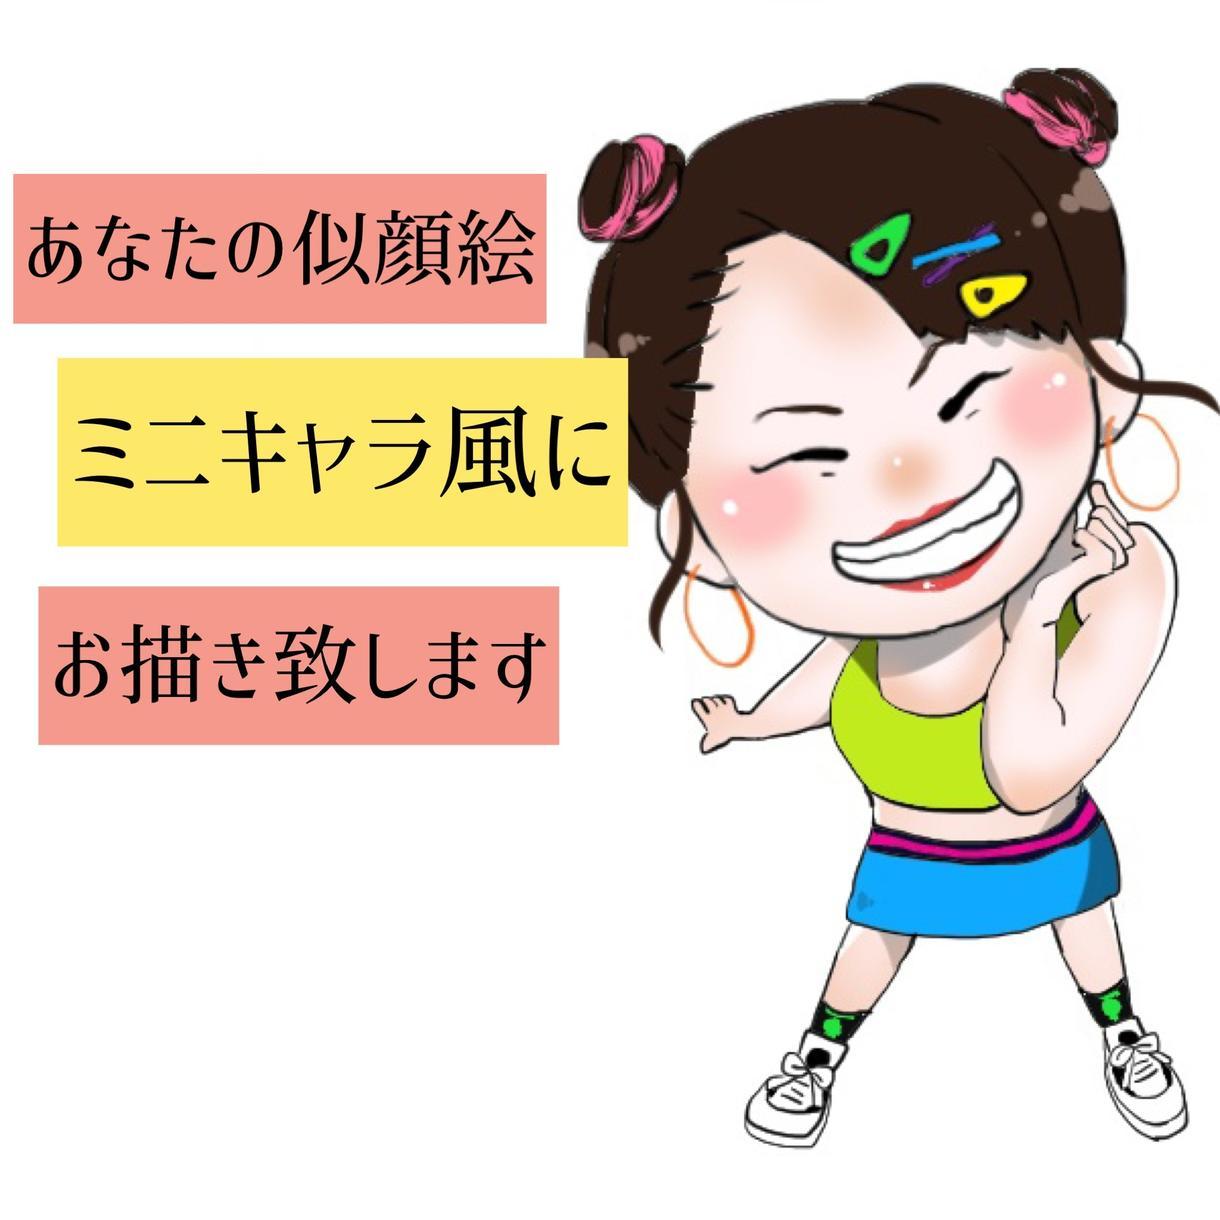 ミニキャラ風に似顔絵をお描きします SNSアイコン、名刺、メッセージカードにも! イメージ1